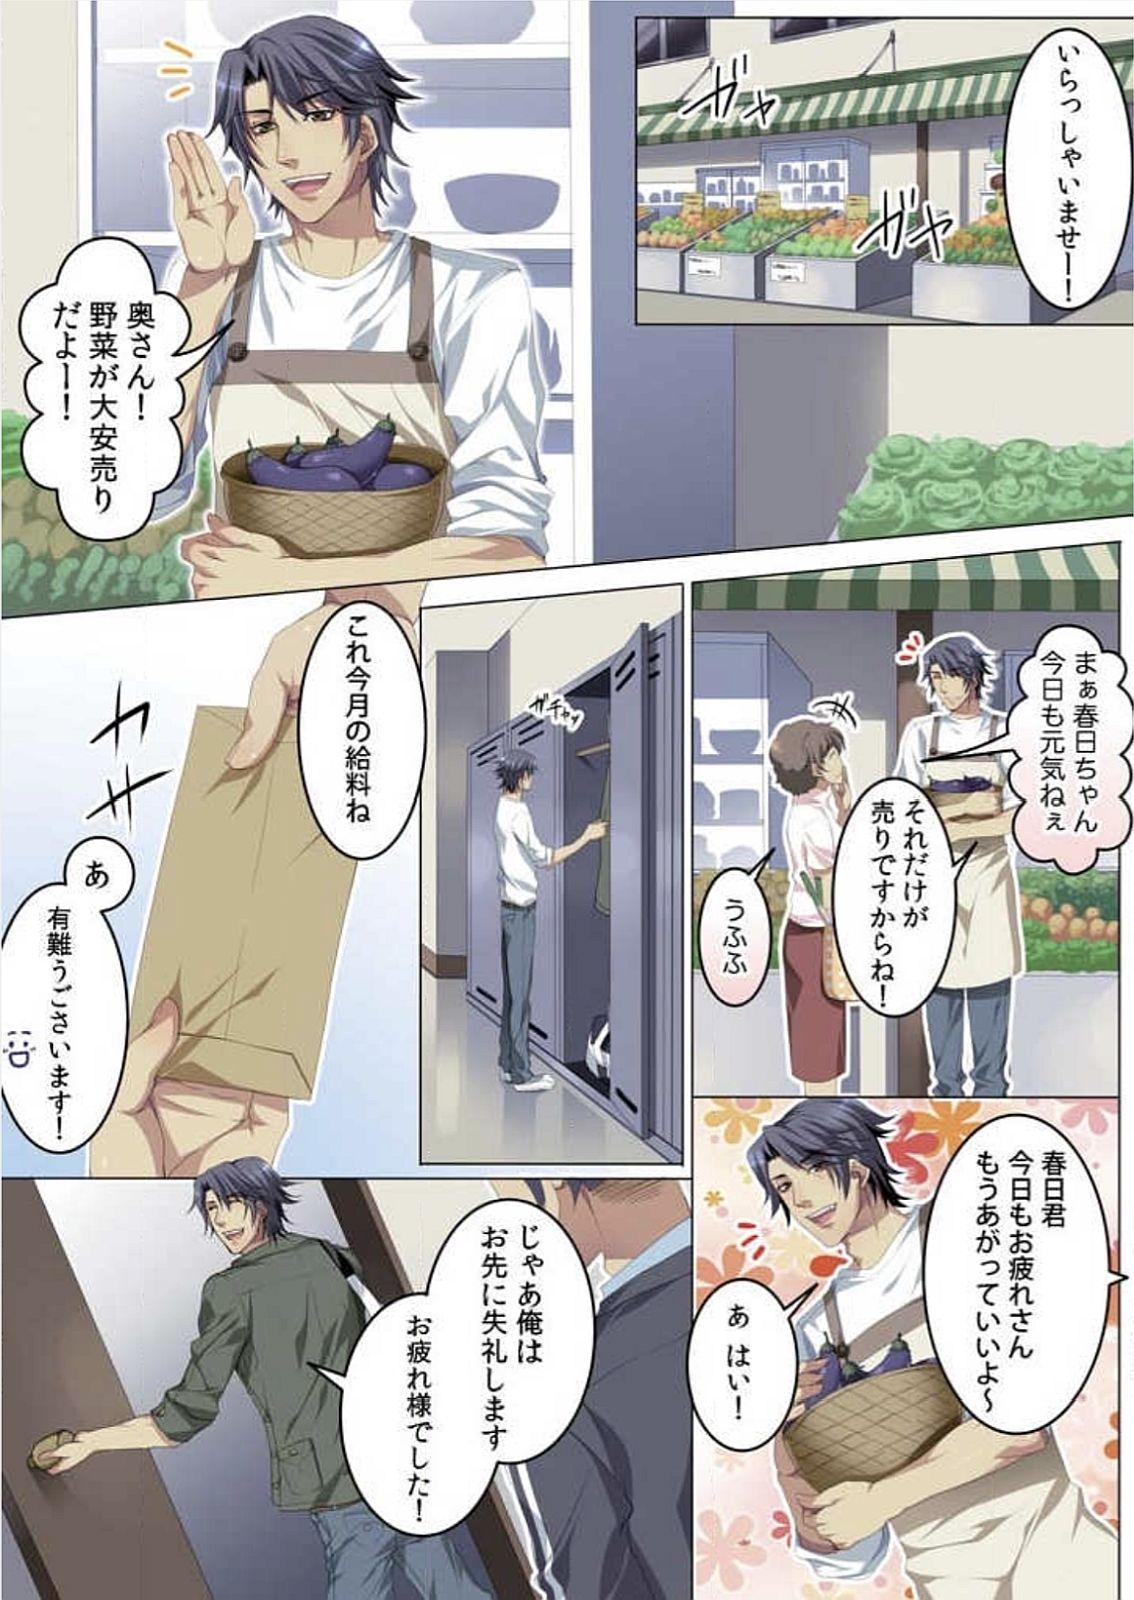 Celeb, Kai Hajimemashita 2